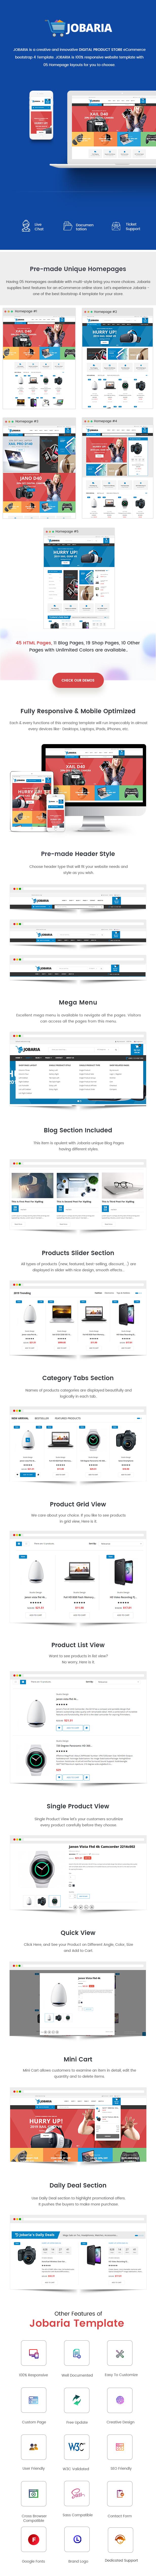 Jobaria - Plantilla de comercio electrónico Tienda de productos digitales Bootstrap 4 - 1